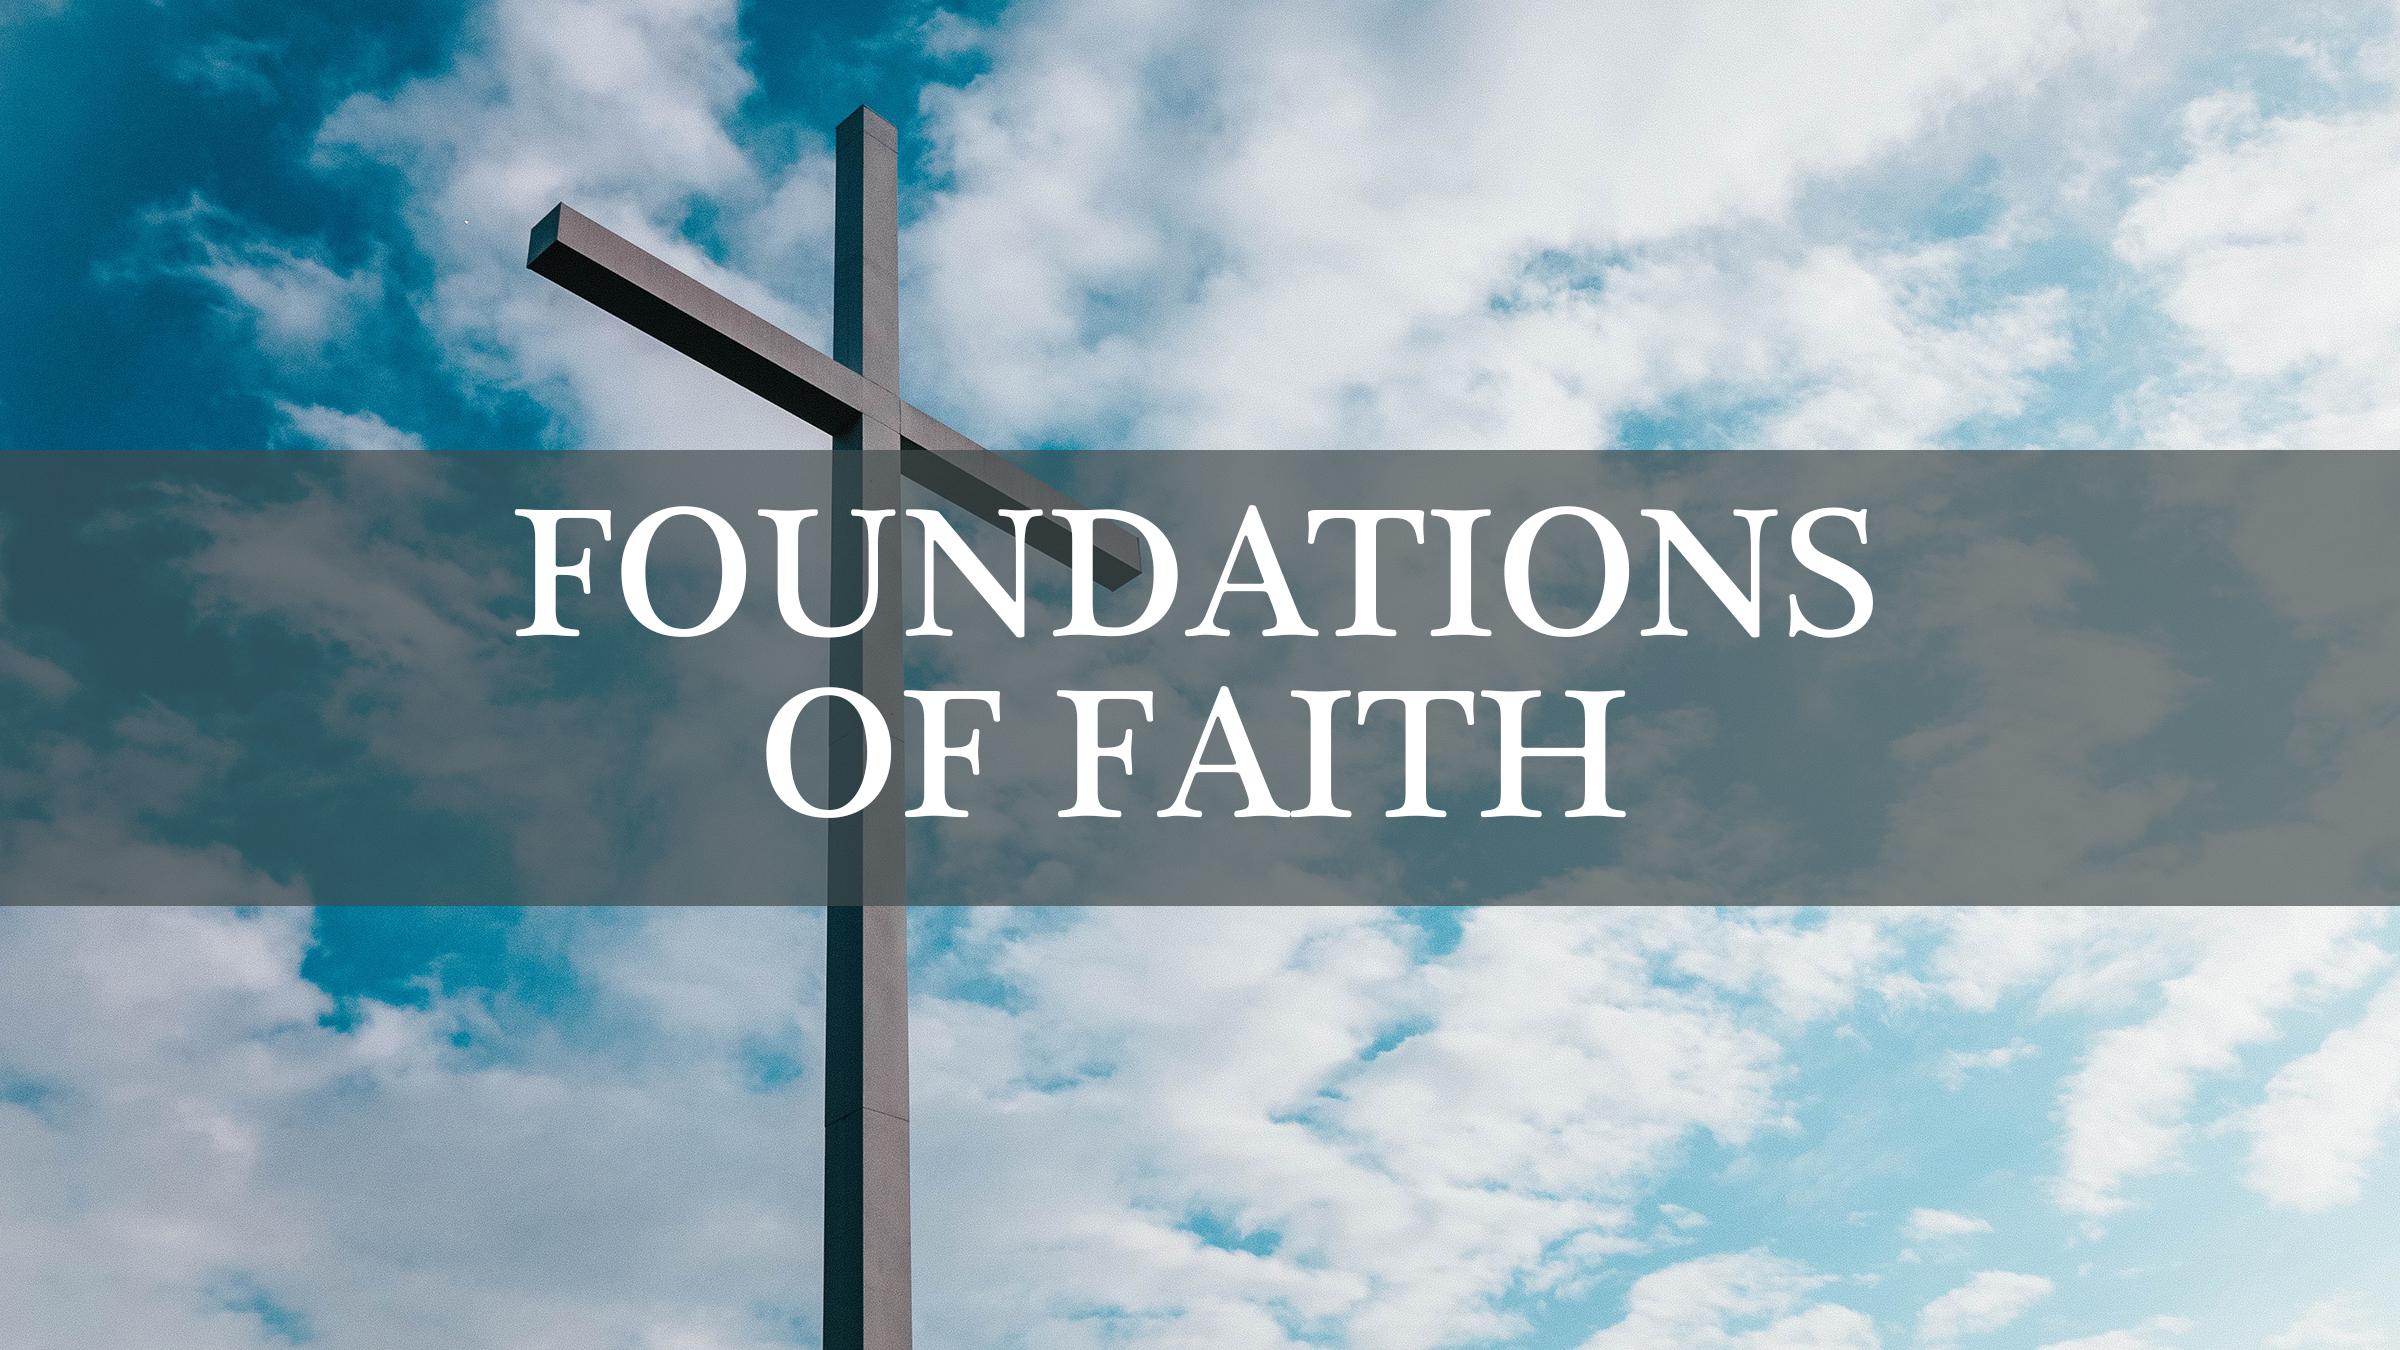 Foundations-of-faith.jpg